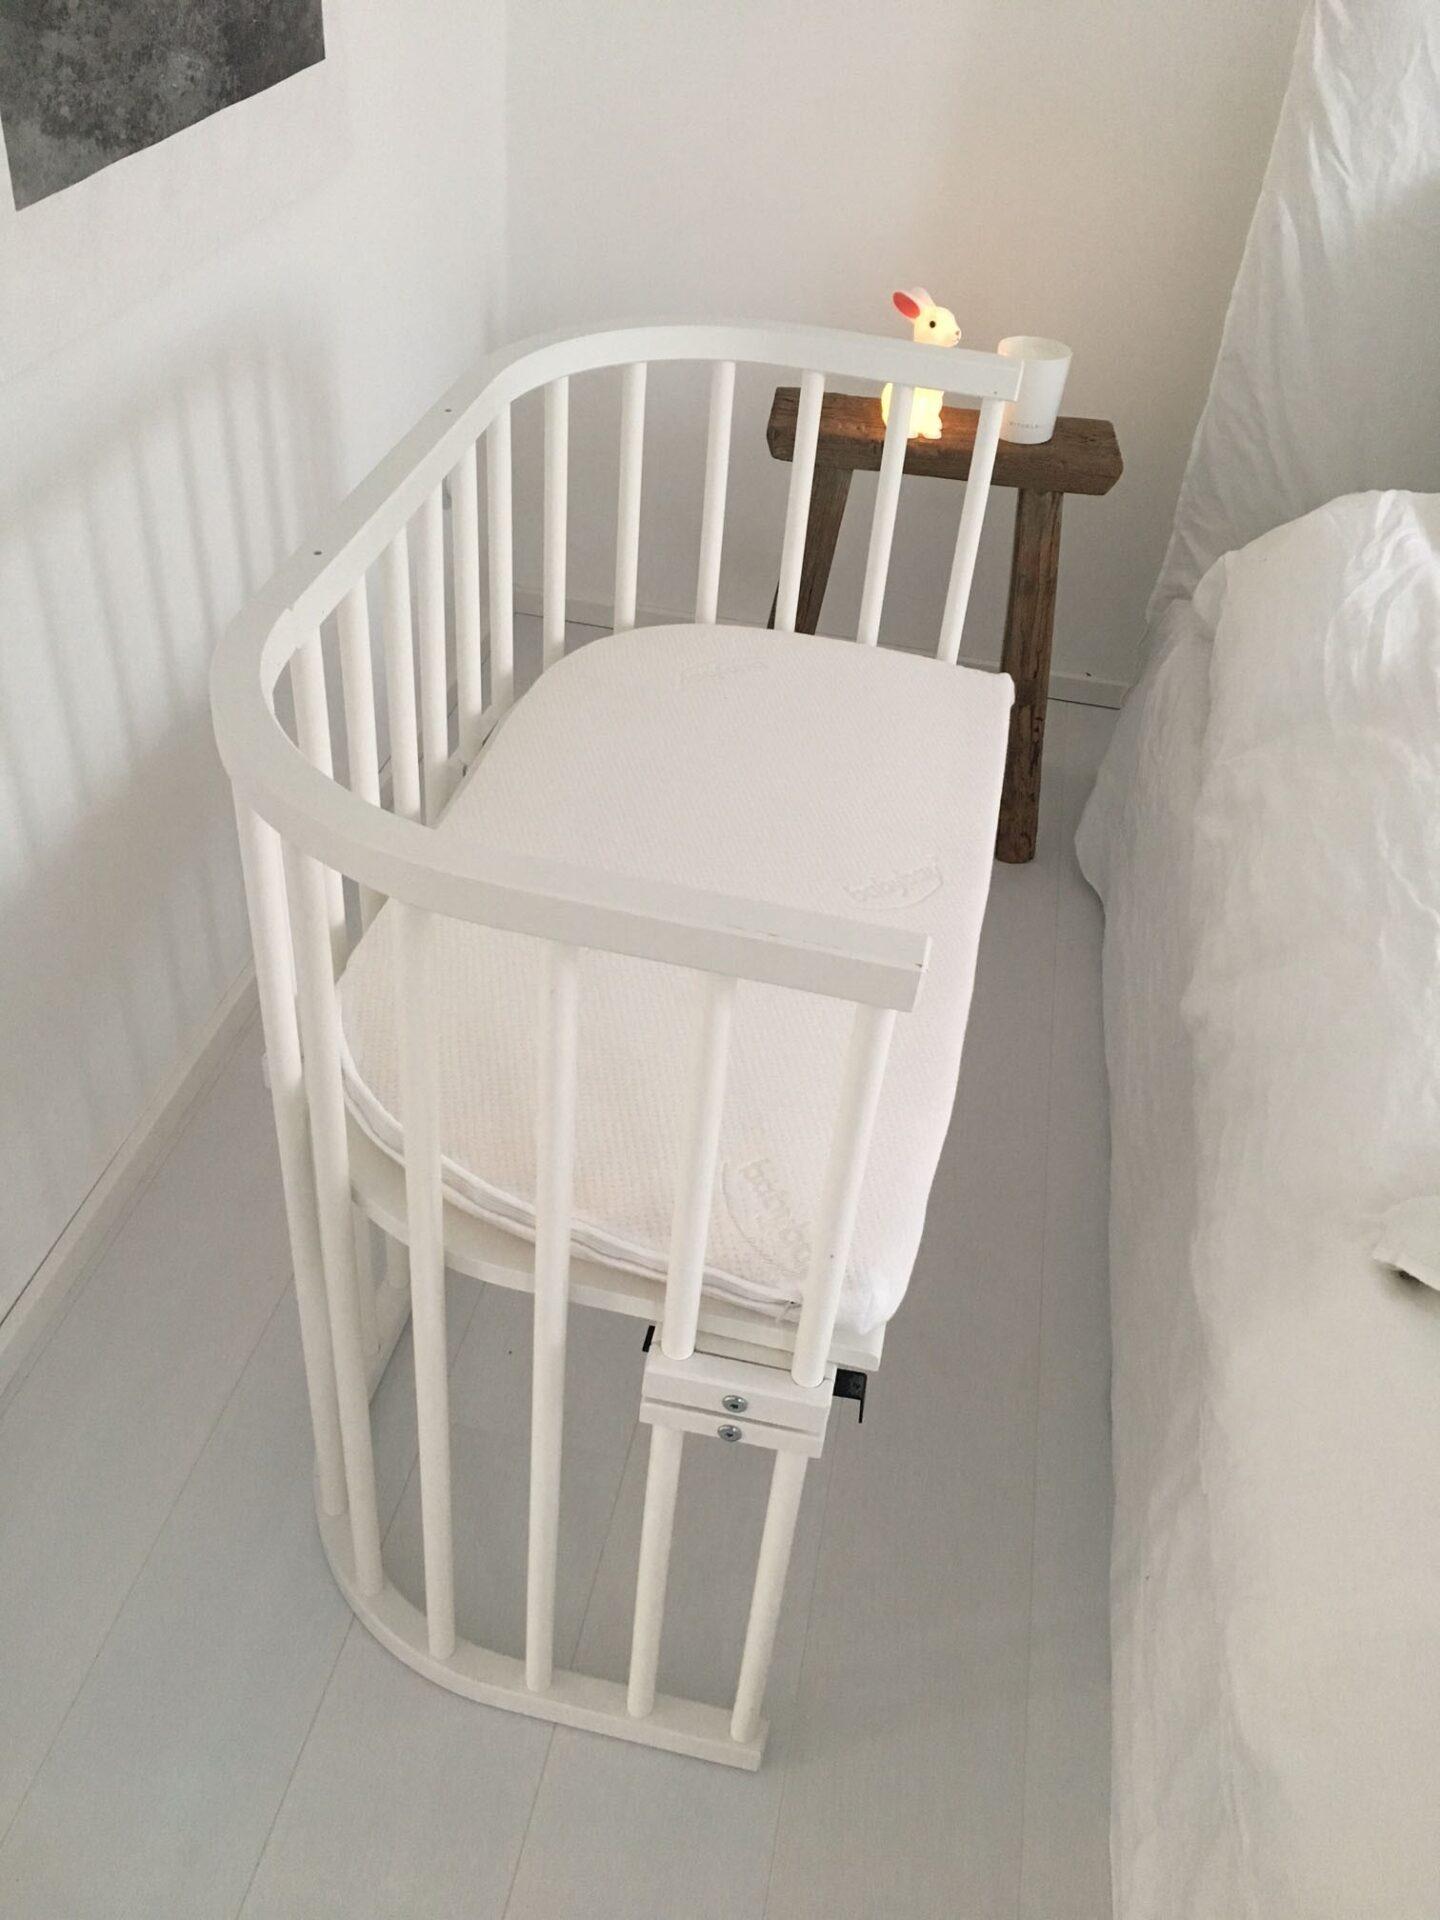 Babybett - hier seht ihr ein Beistellbett